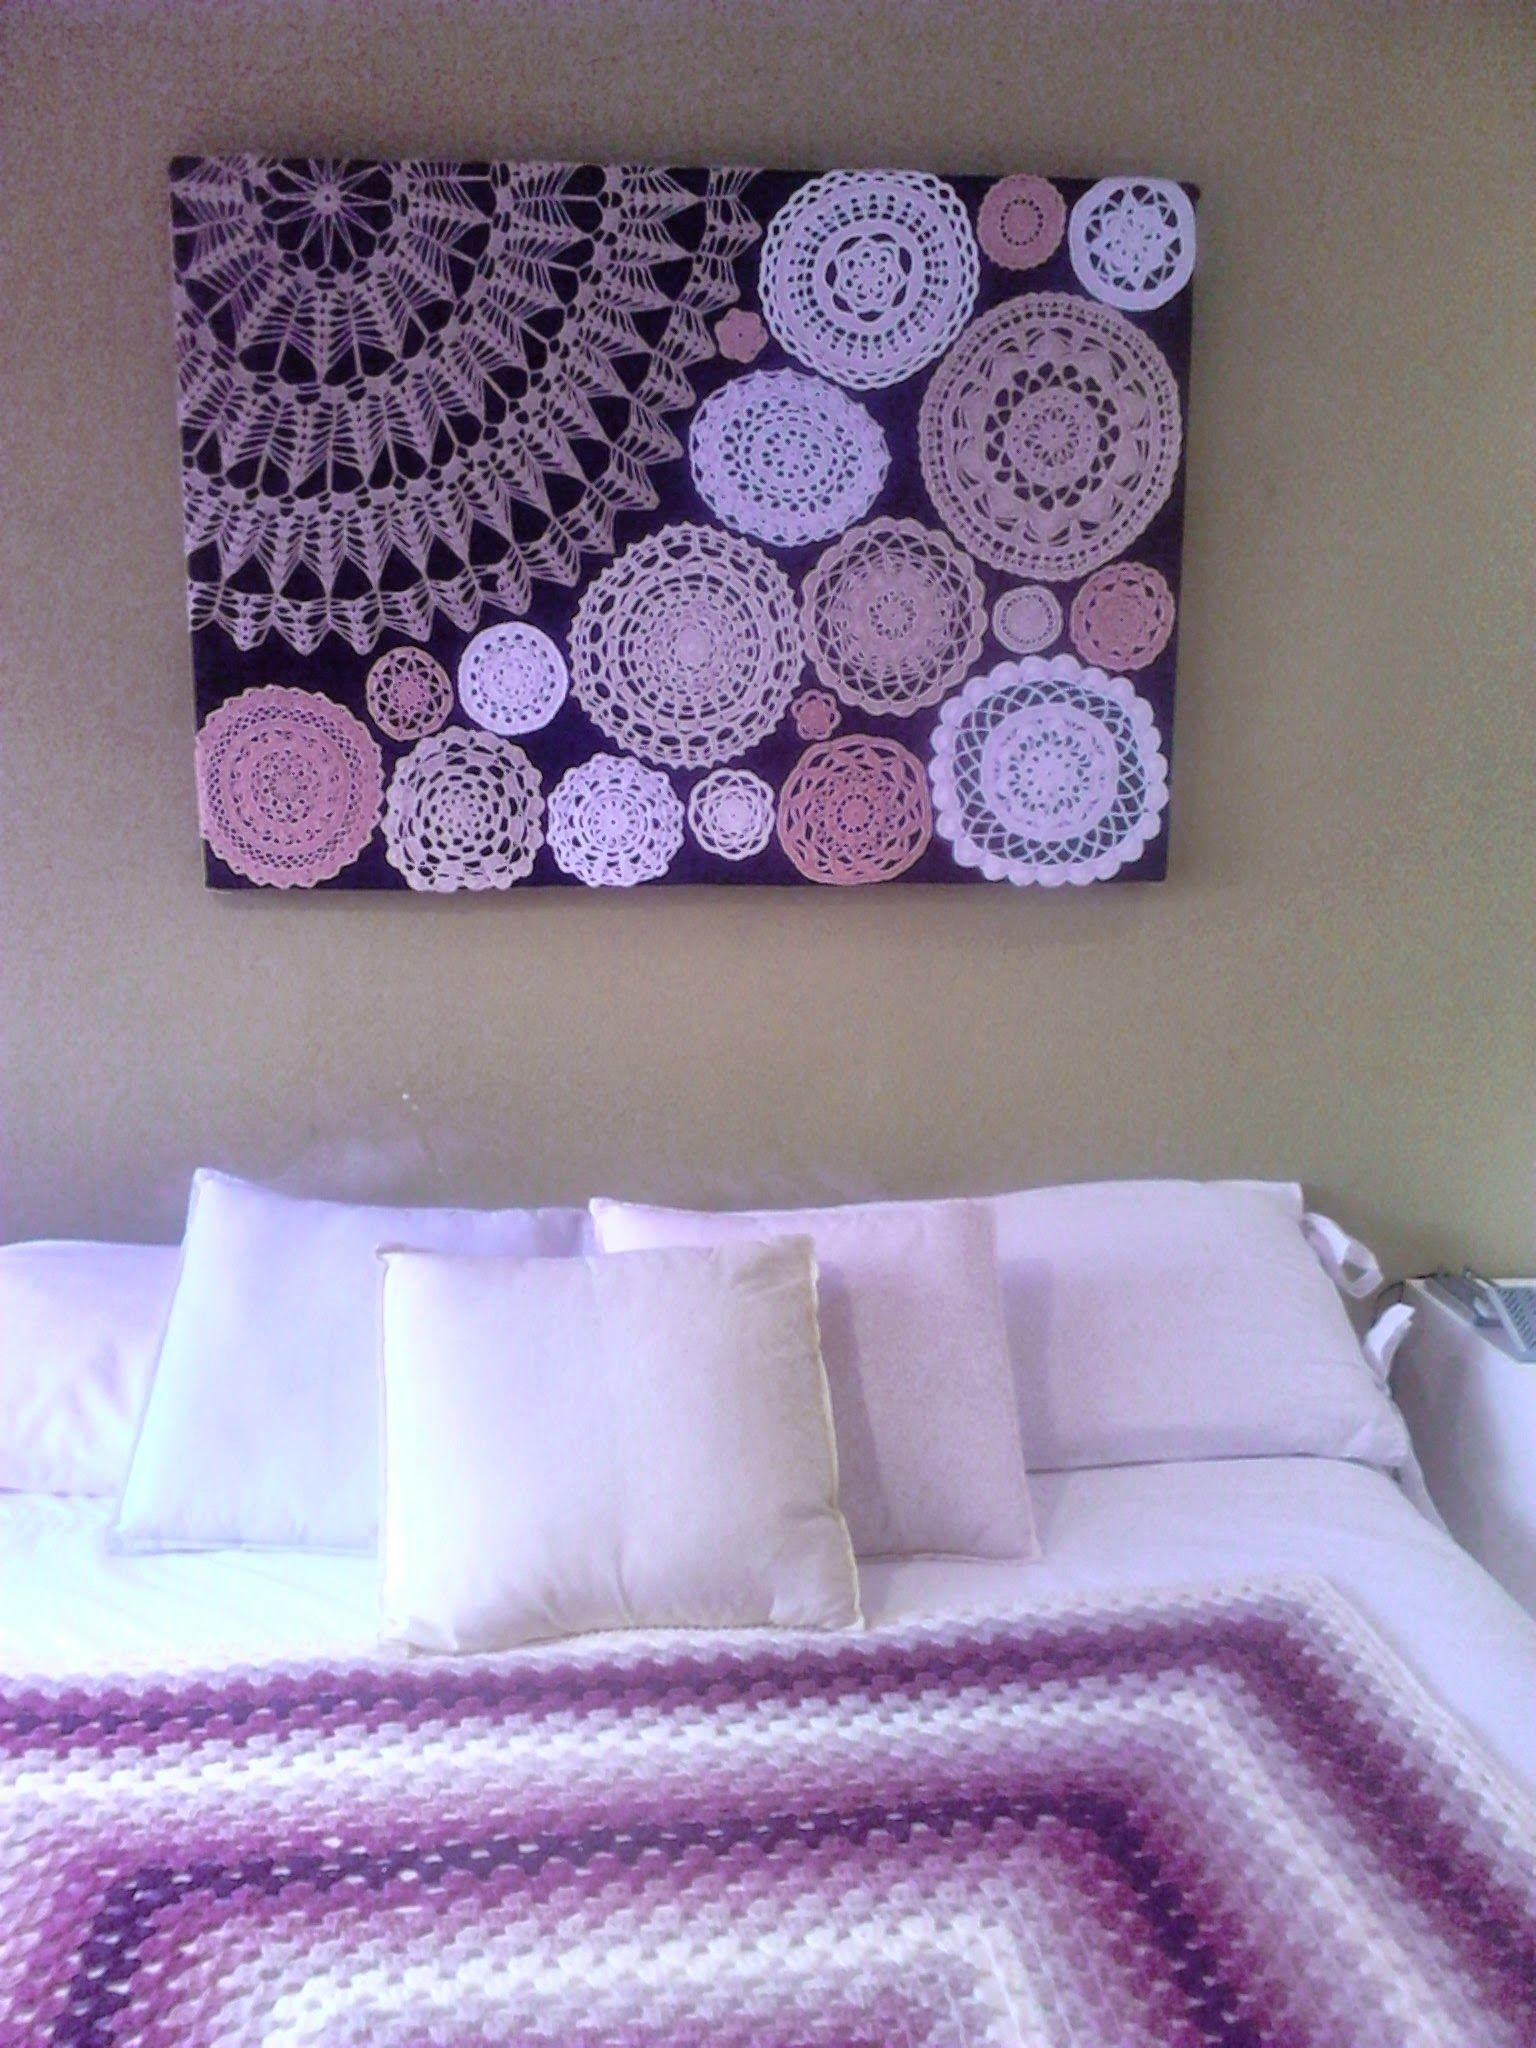 A Quick Sharesies! | Ball Workouts | Pinterest | Crochet Doilies Pertaining To Recent Crochet Wall Art (View 2 of 20)